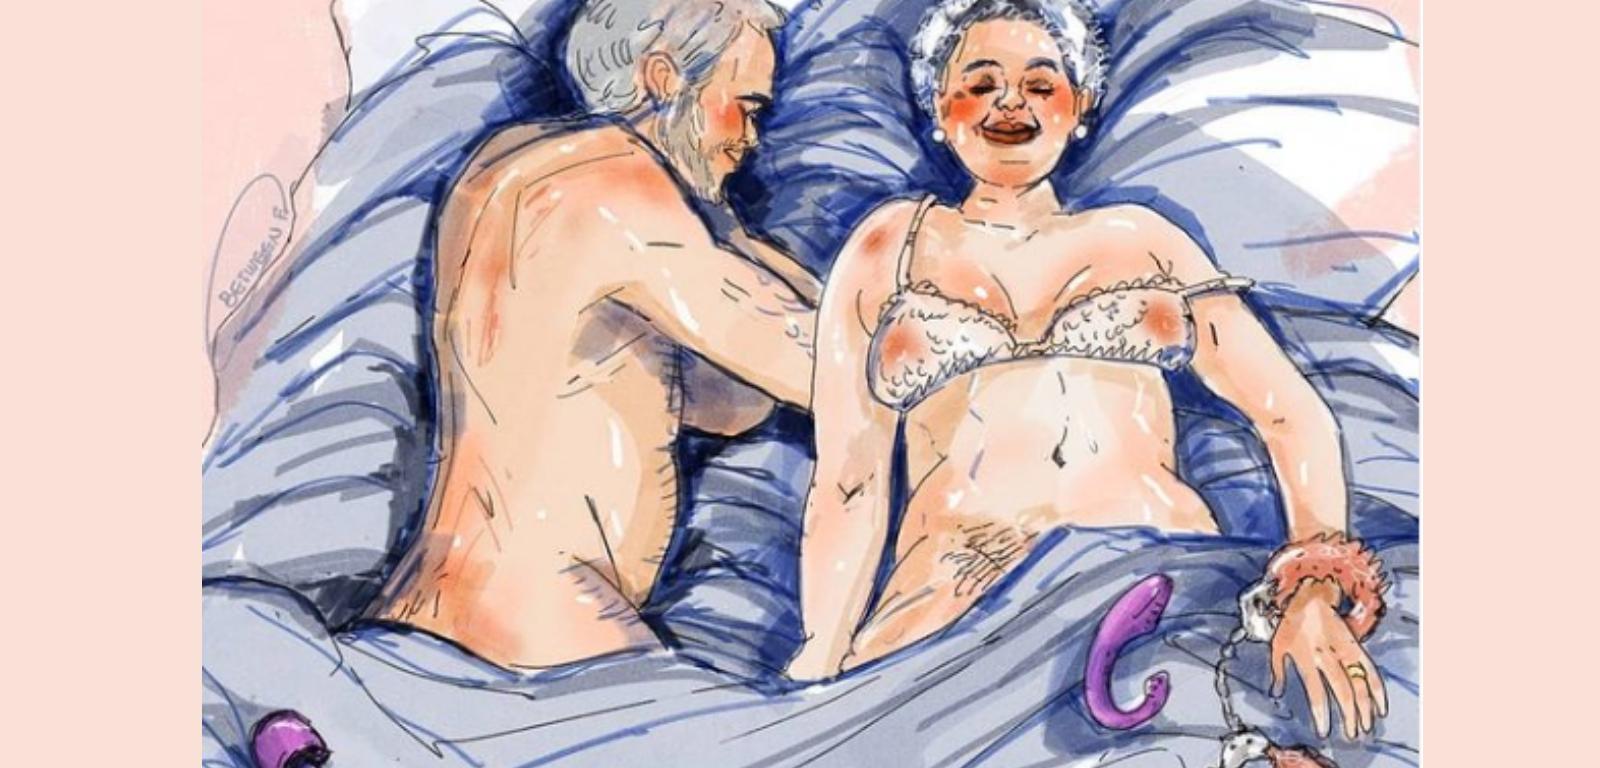 szex idős korban